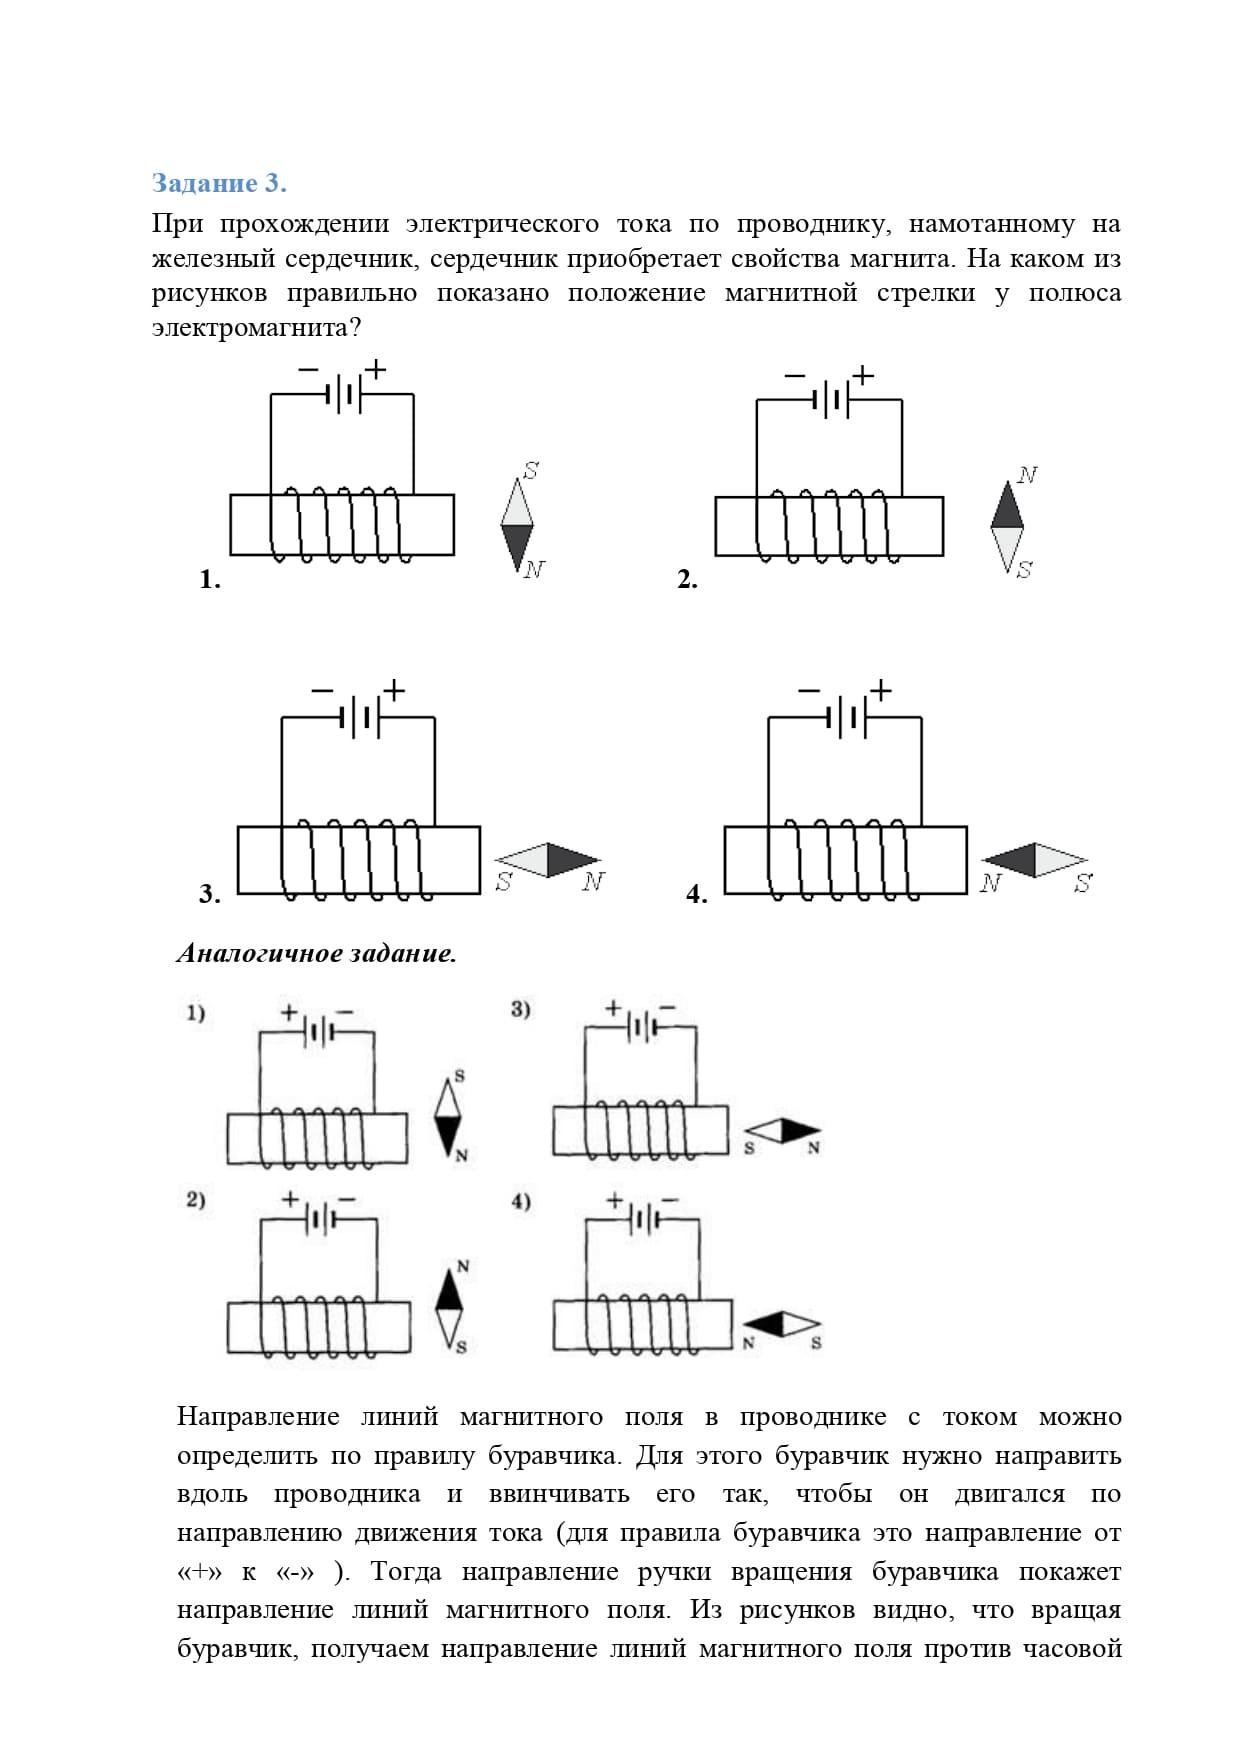 Задания из банка ФИПИ. ОГЭ. 9 класс. Физика. Магнетизм. страница 3